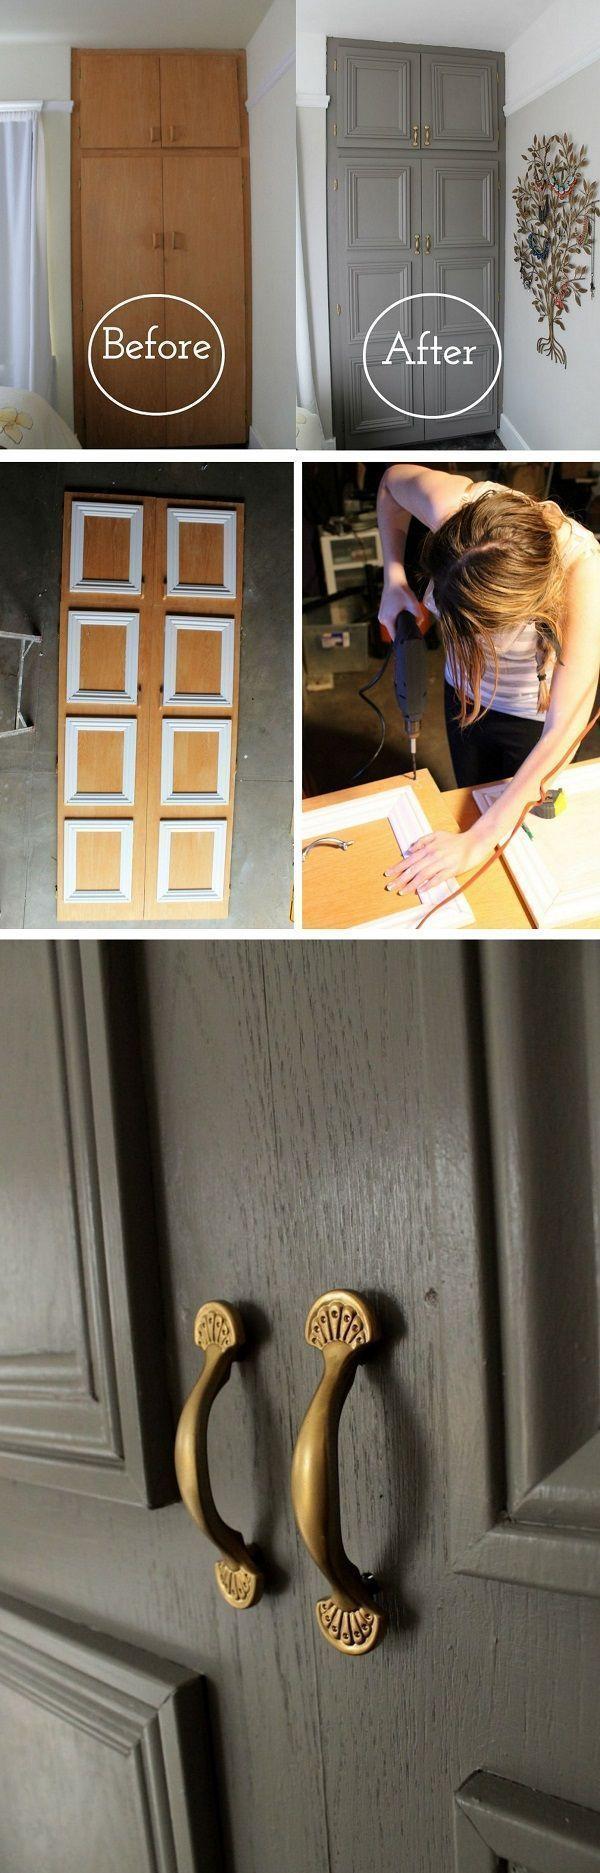 16 einfache DIY-Türprojekte für erstaunliche Woh…